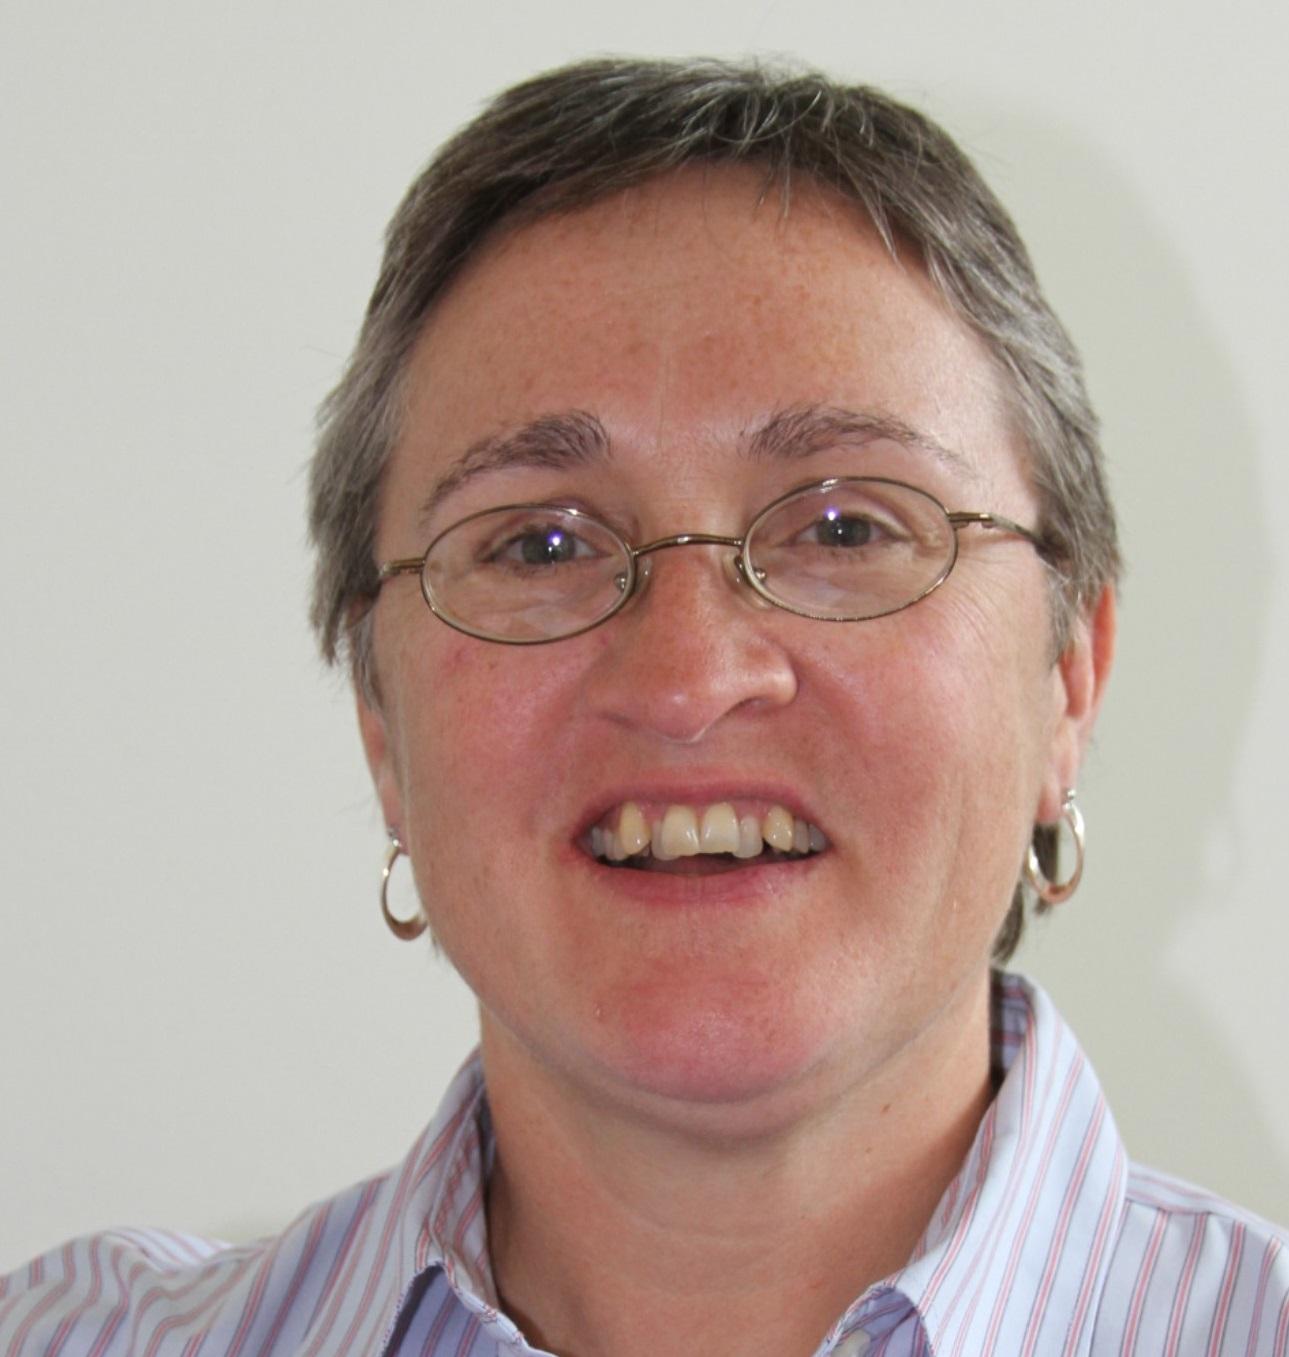 Edithe Gagnon, LCSW